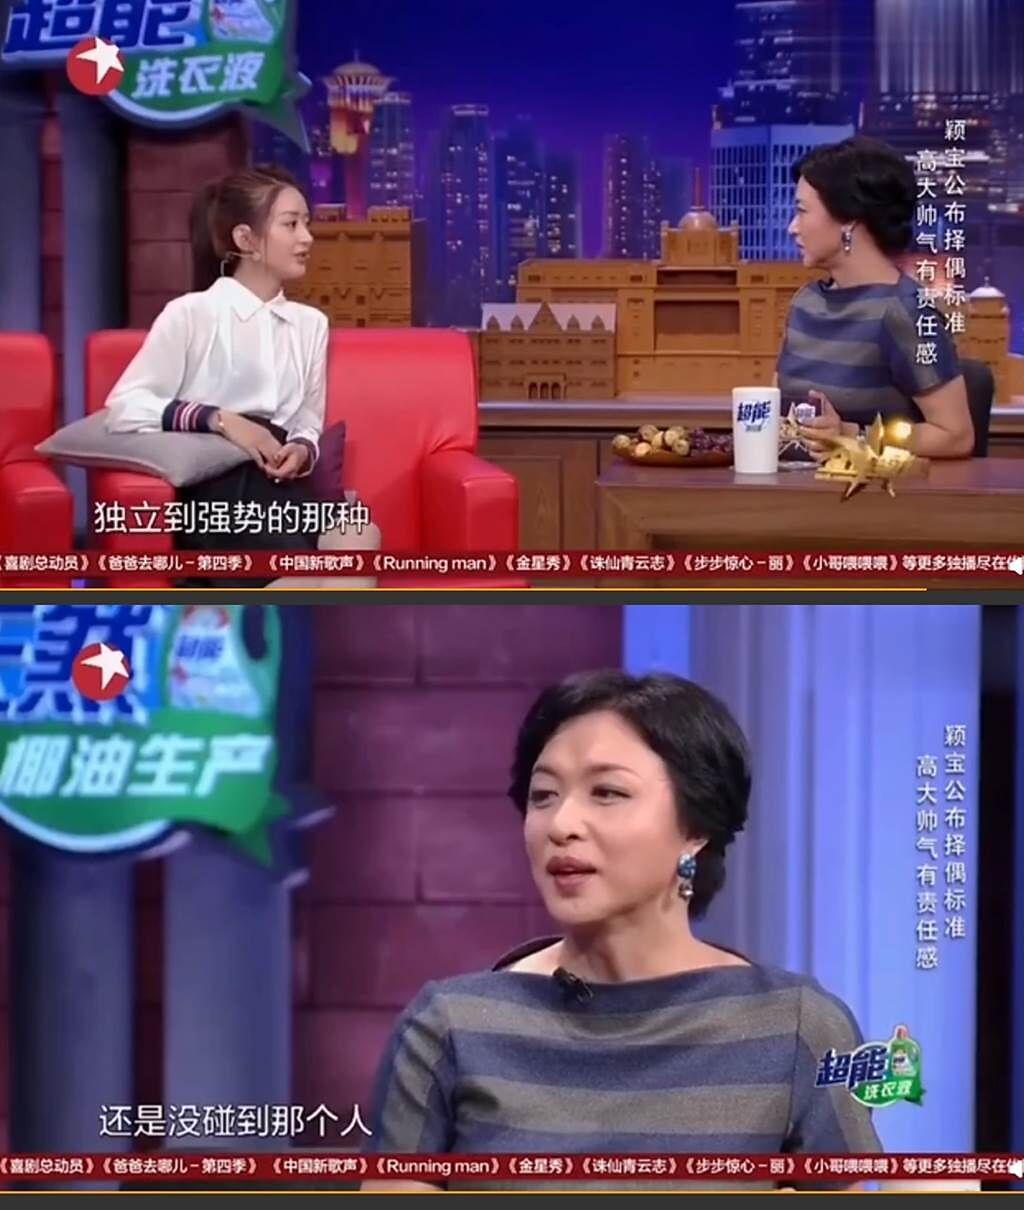 冯绍峰陪赵丽颖生产 自曝见孩子下秒做这事 网亏:难怪会分开